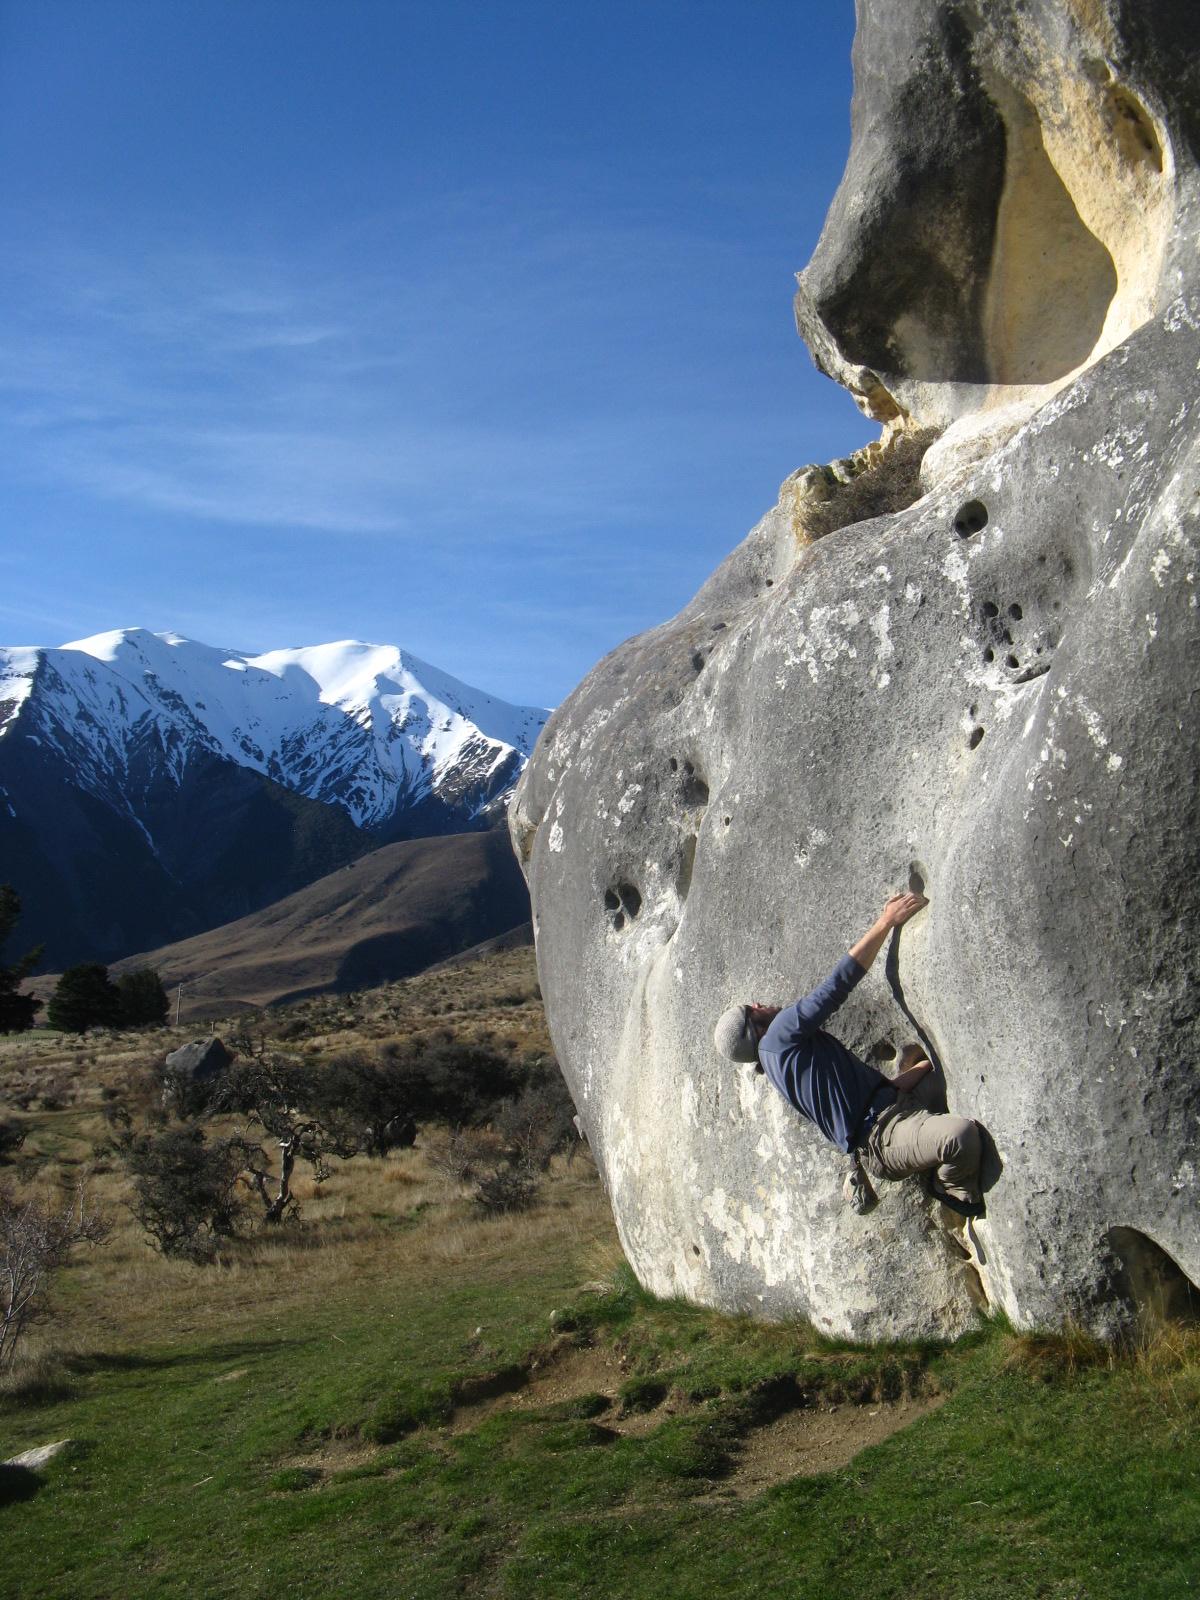 Bouldering in New Zealand